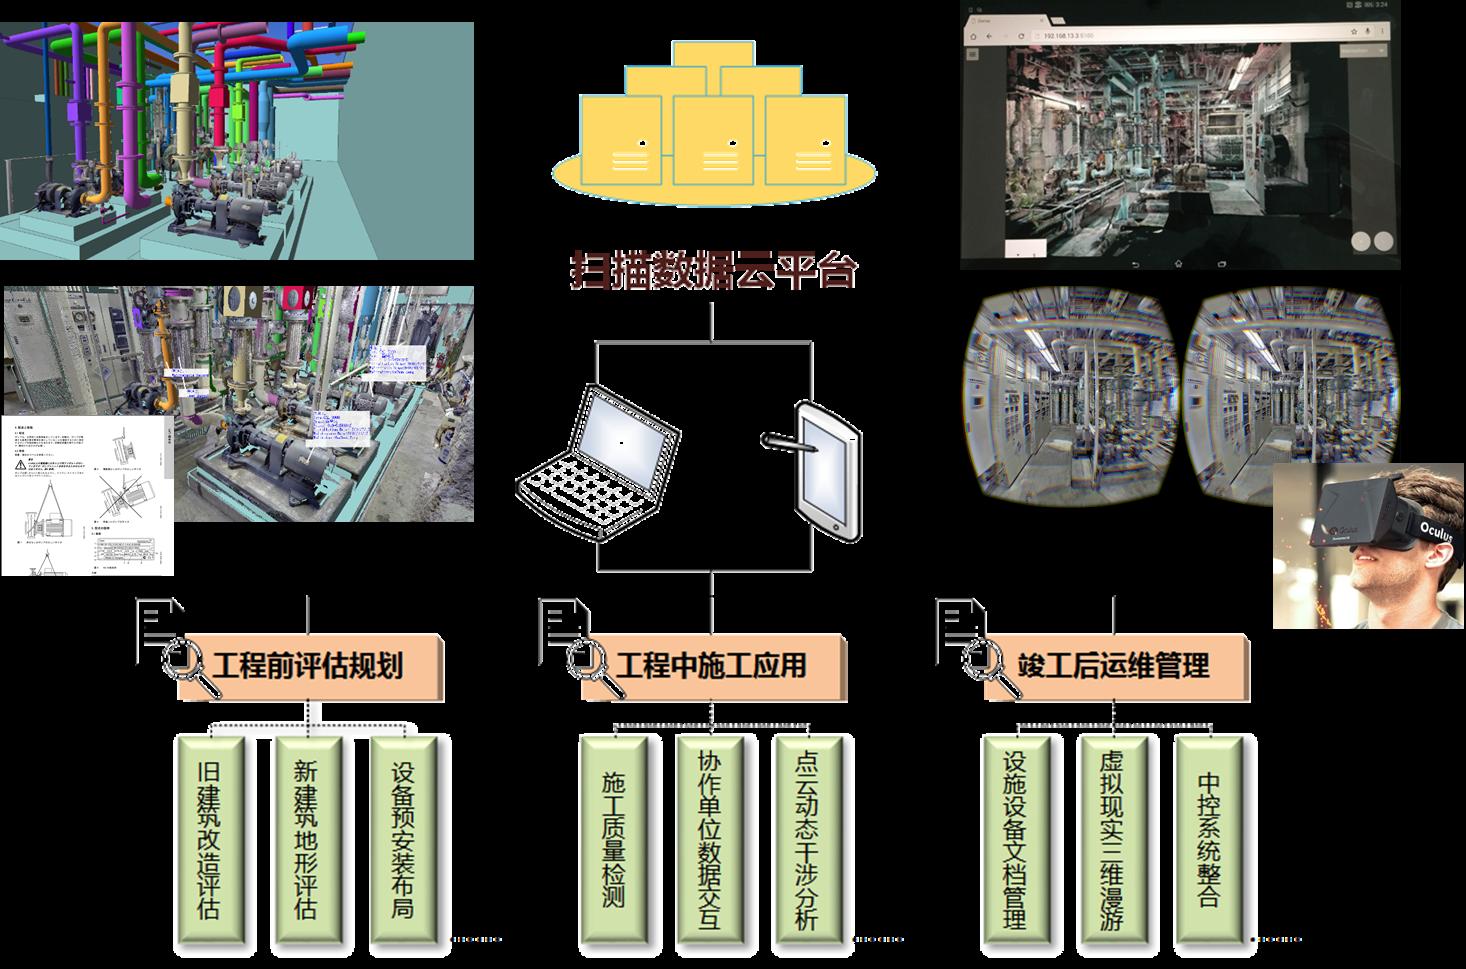 三維激光掃描儀在工廠改造中的應用,工廠改造需要用到的三維掃描儀的系統搭建過程展示